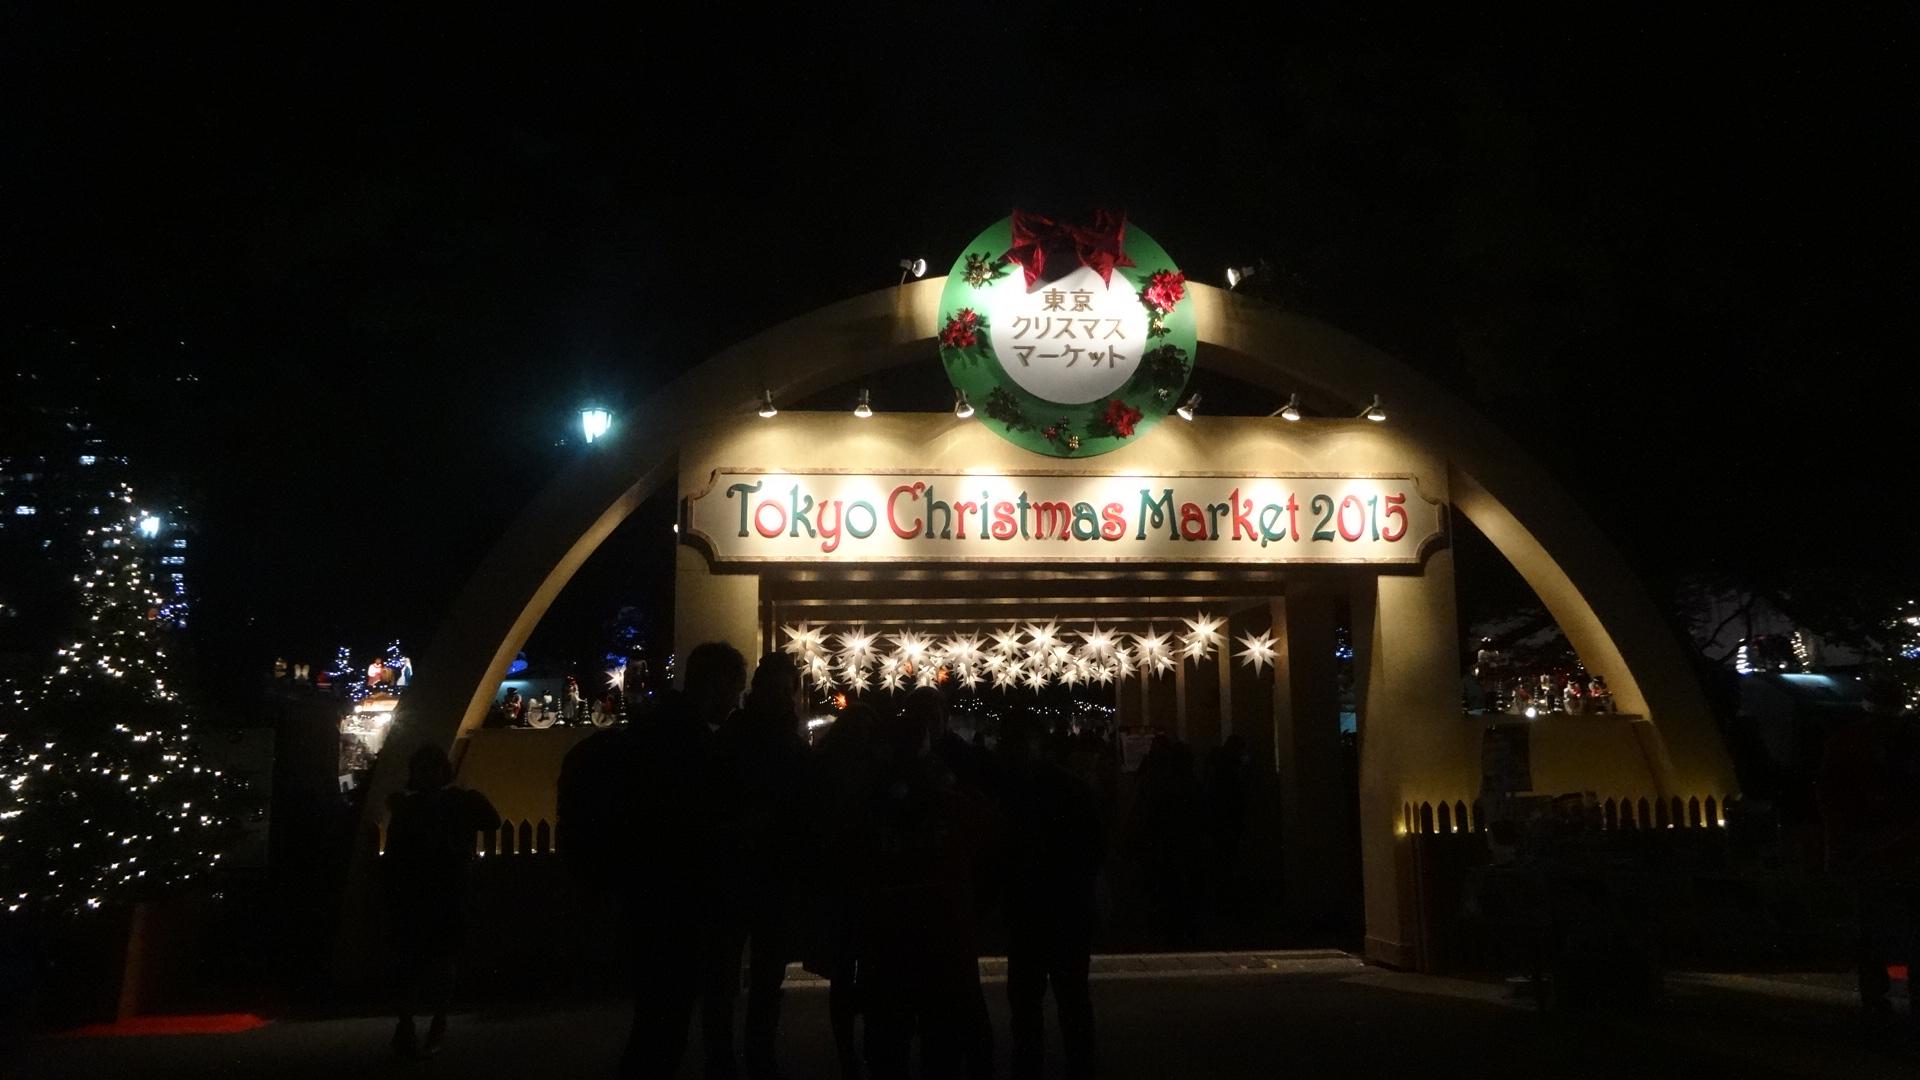 クリスマスマーケットの入口